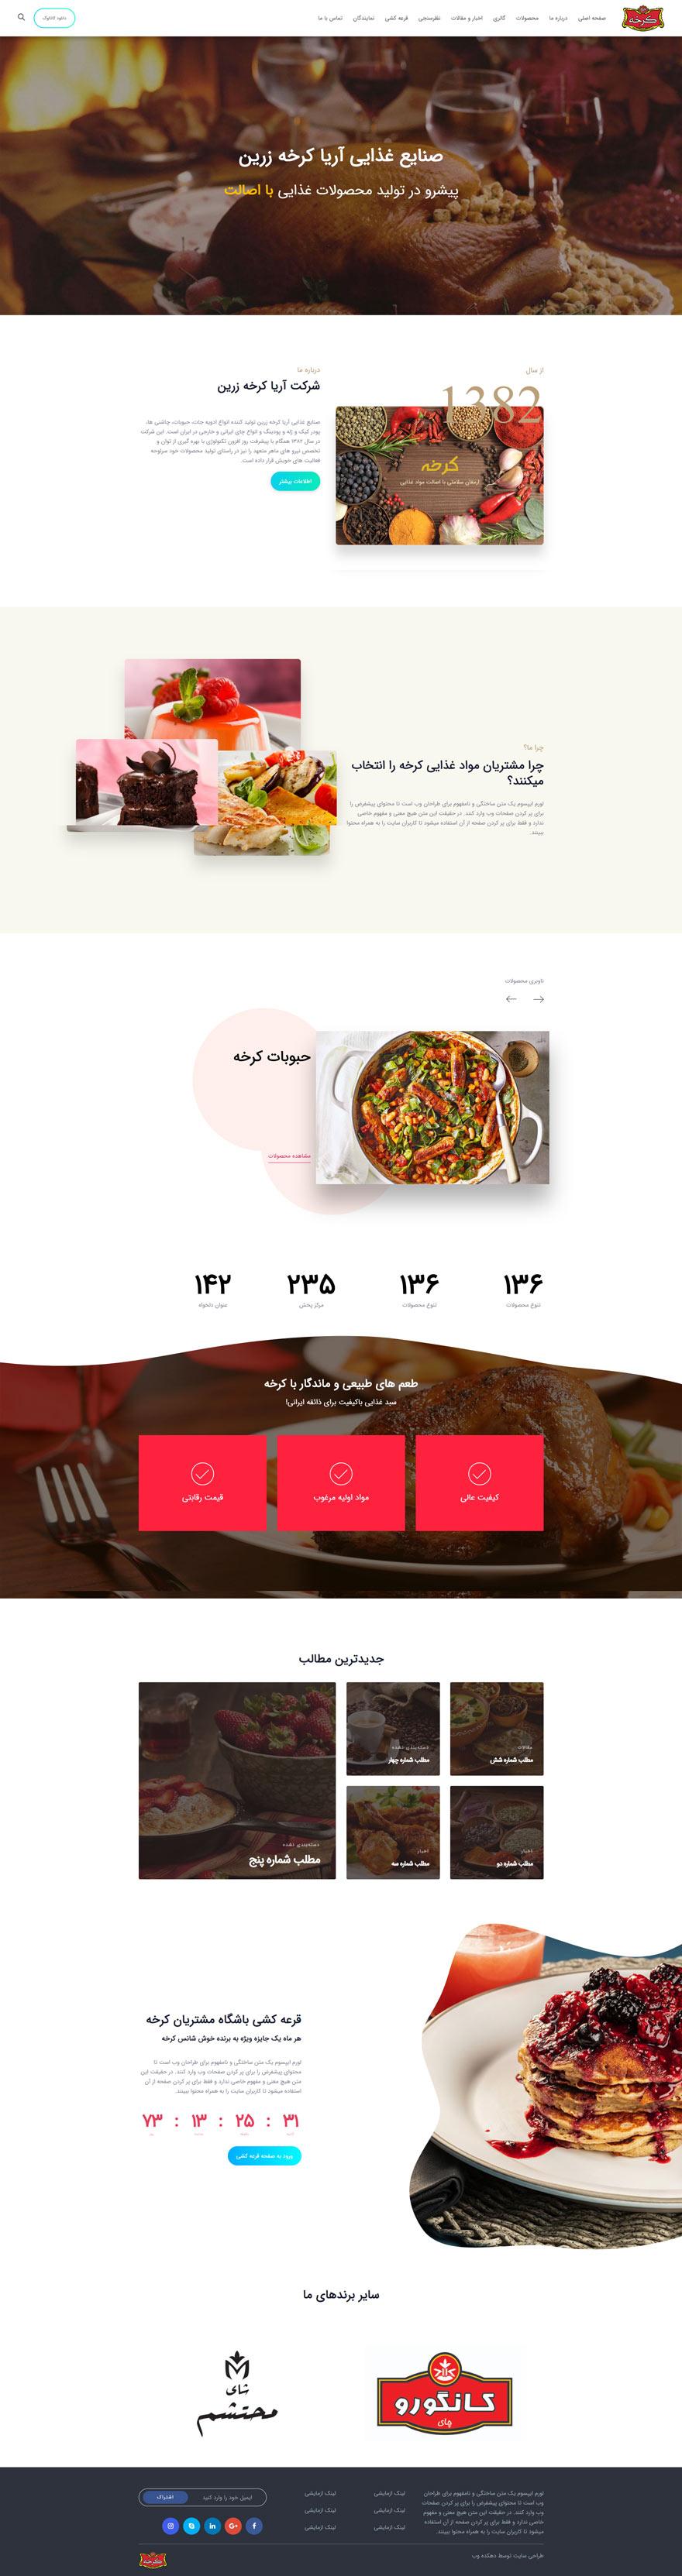 طراحی سایت محصولات غذایی کرخه